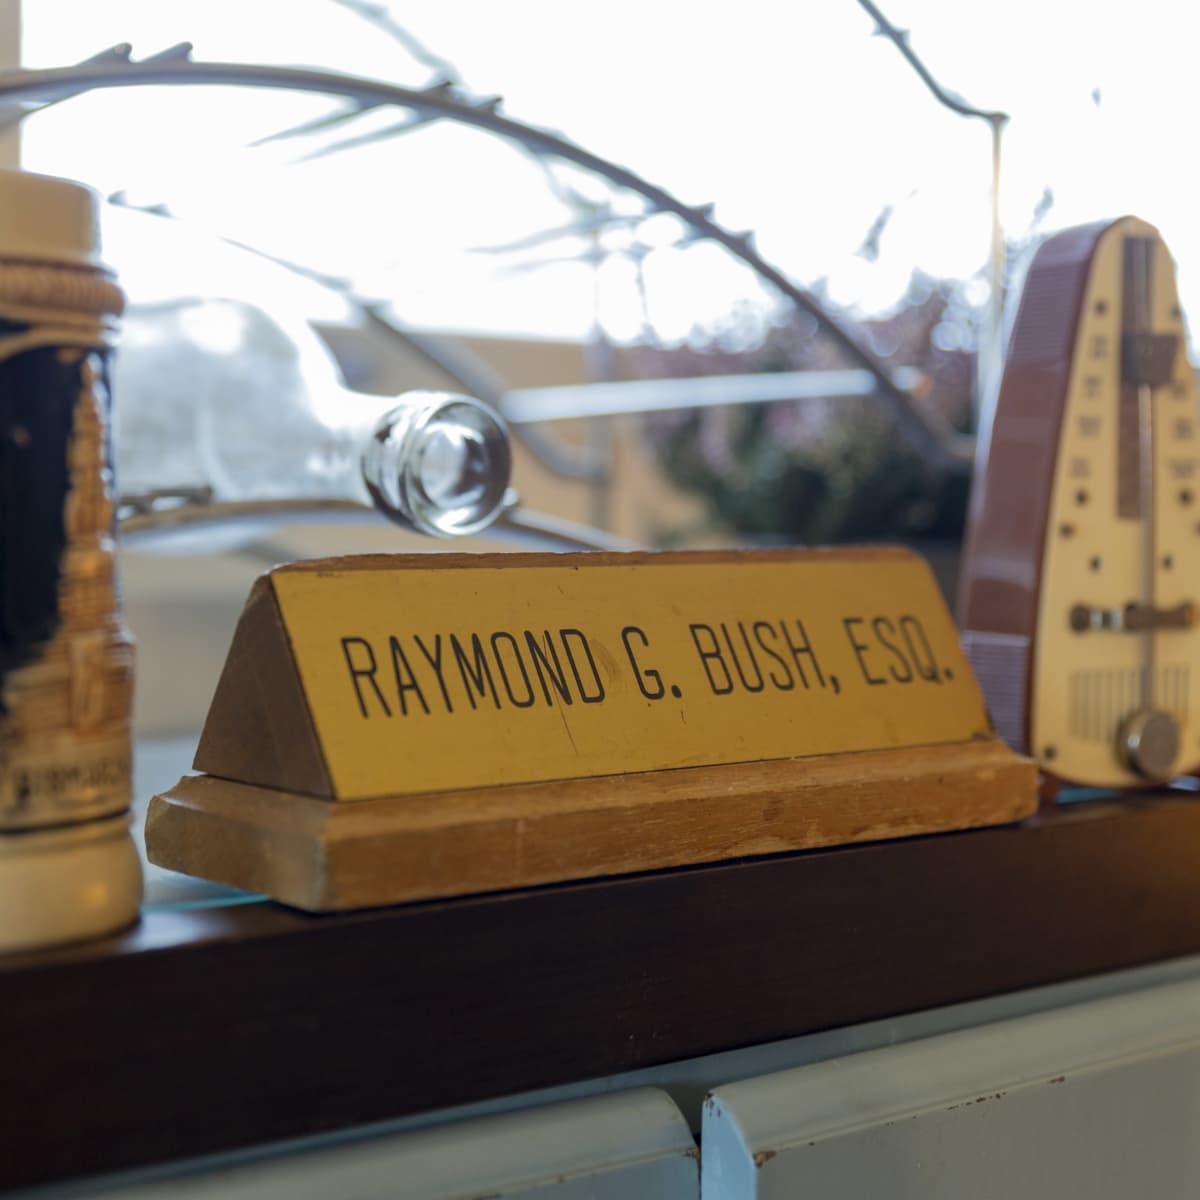 Raymond G. Bush, ESQ. -nimikyltti lakimiesajoilta.